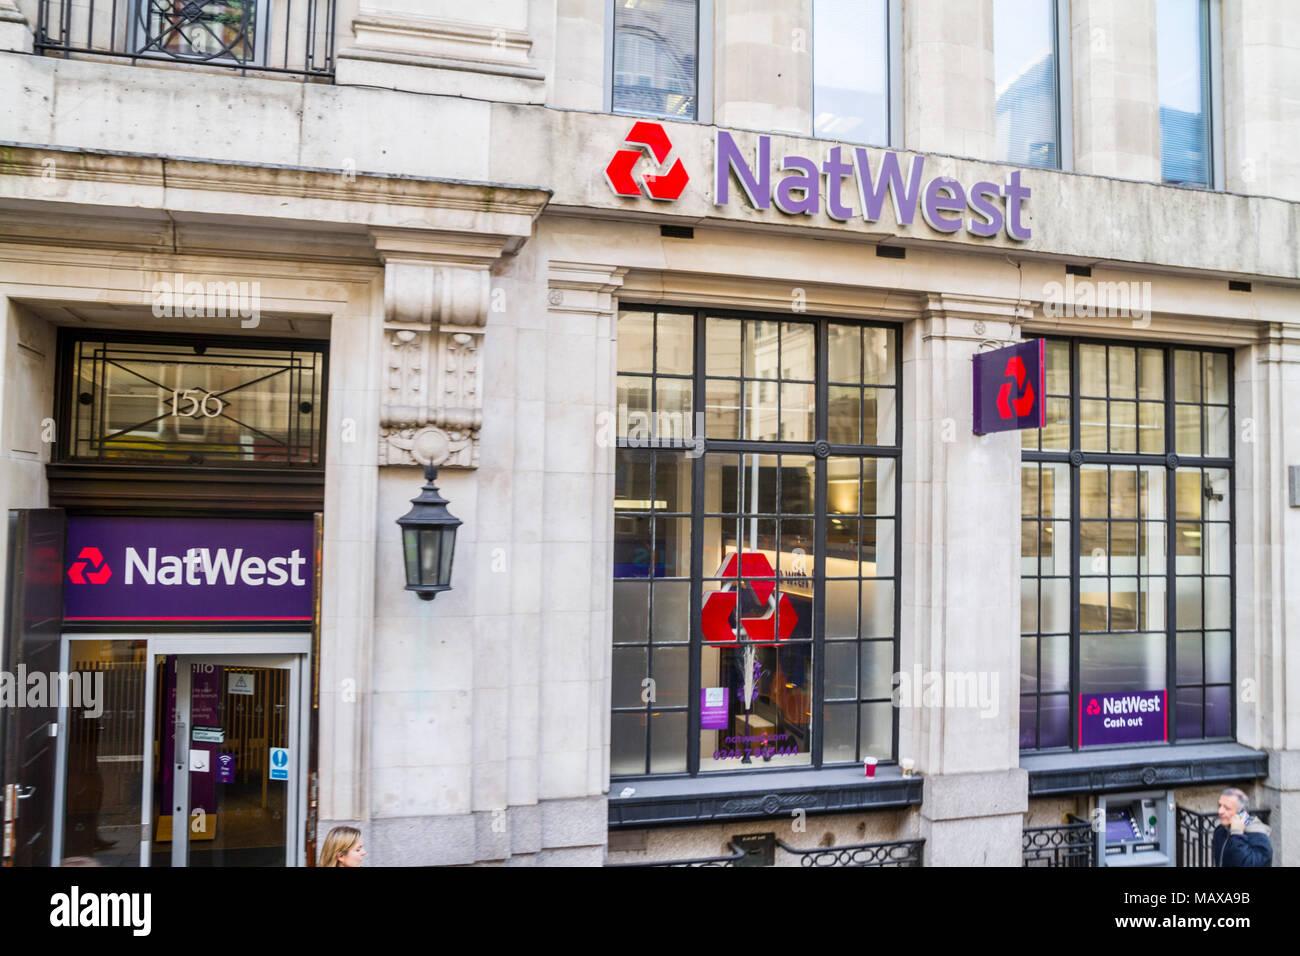 NatWest Bank Branch London United Kingdom, UK - Stock Image